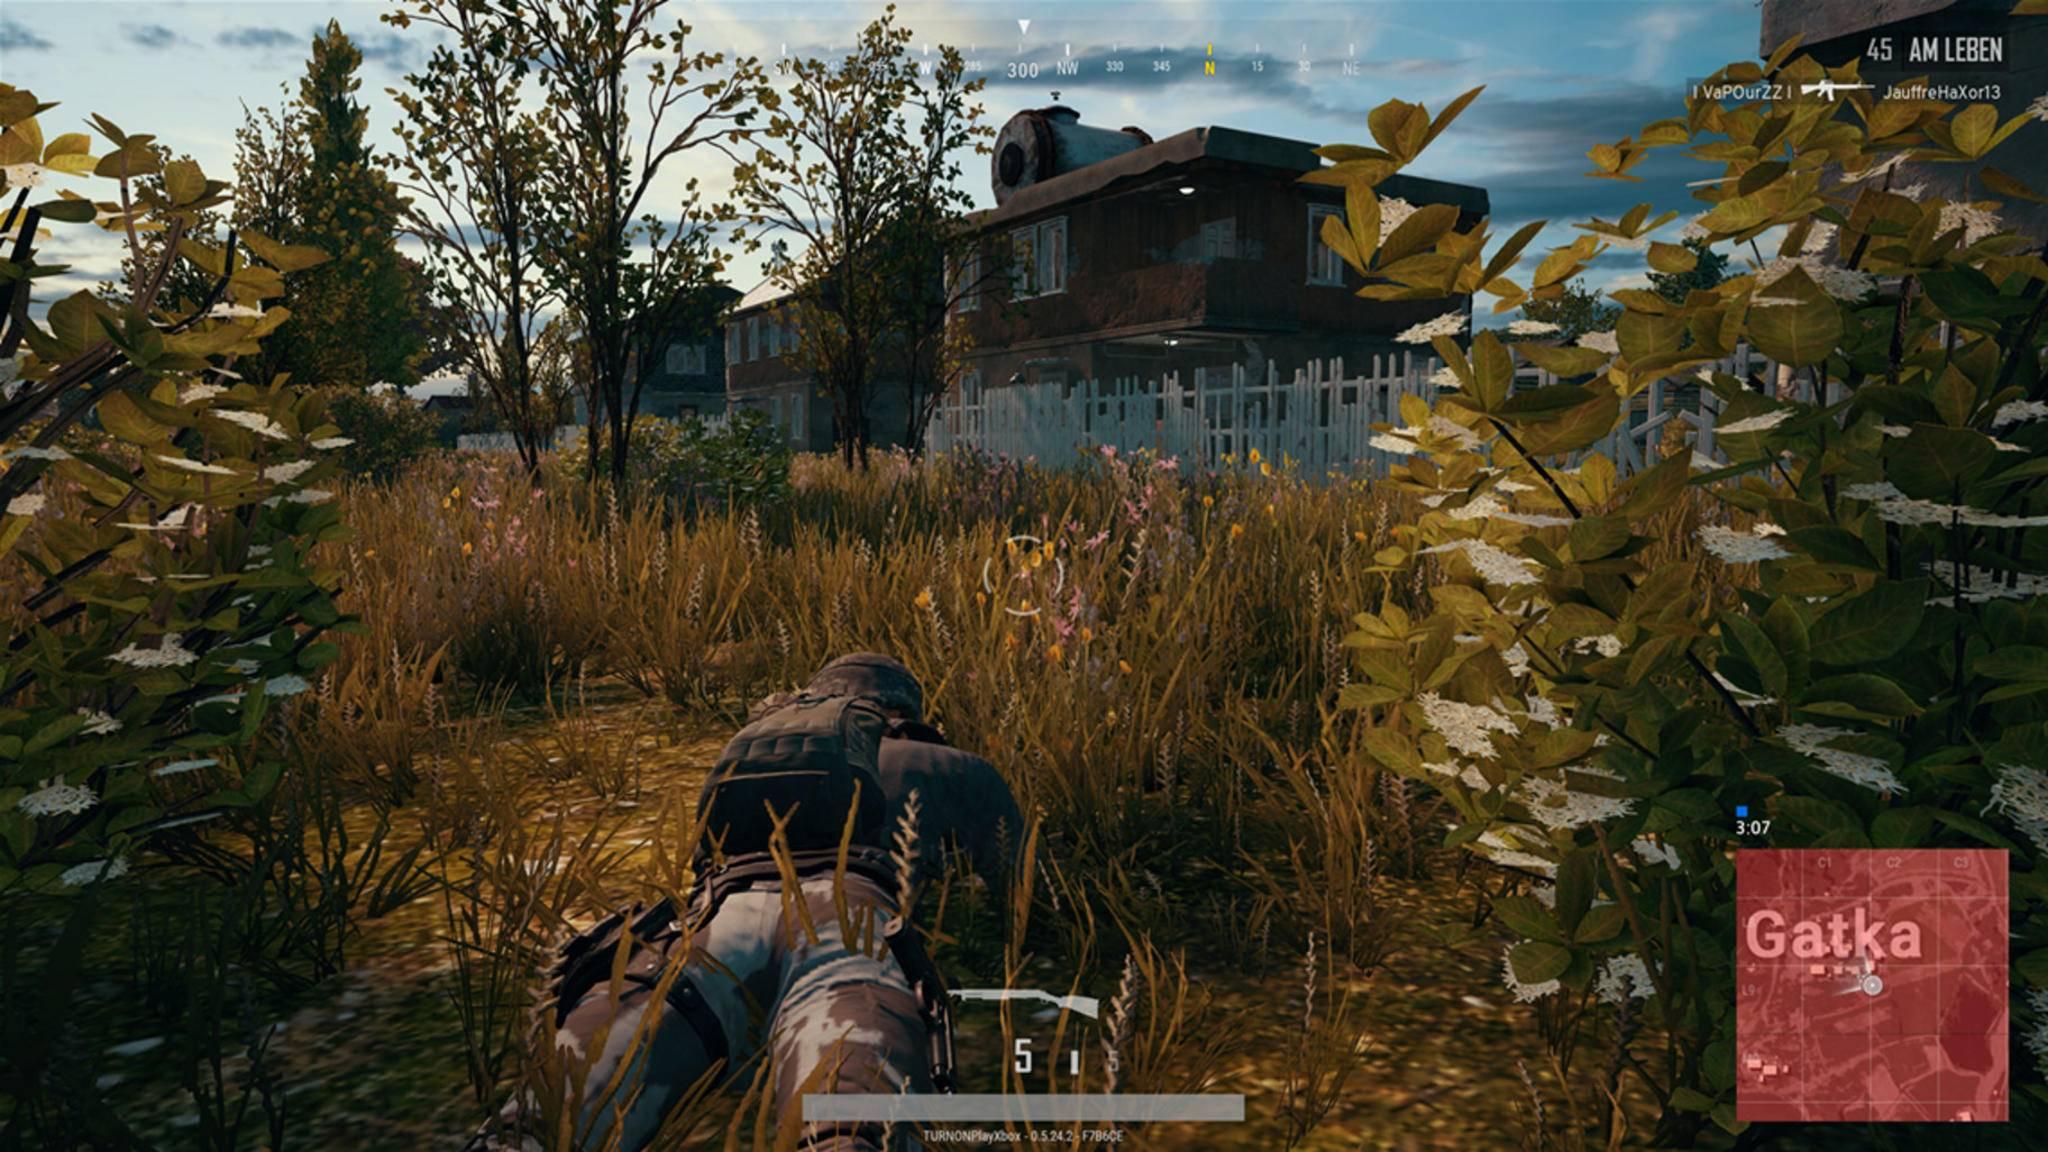 Neues Xbox One-Update mit PUBG-Squads